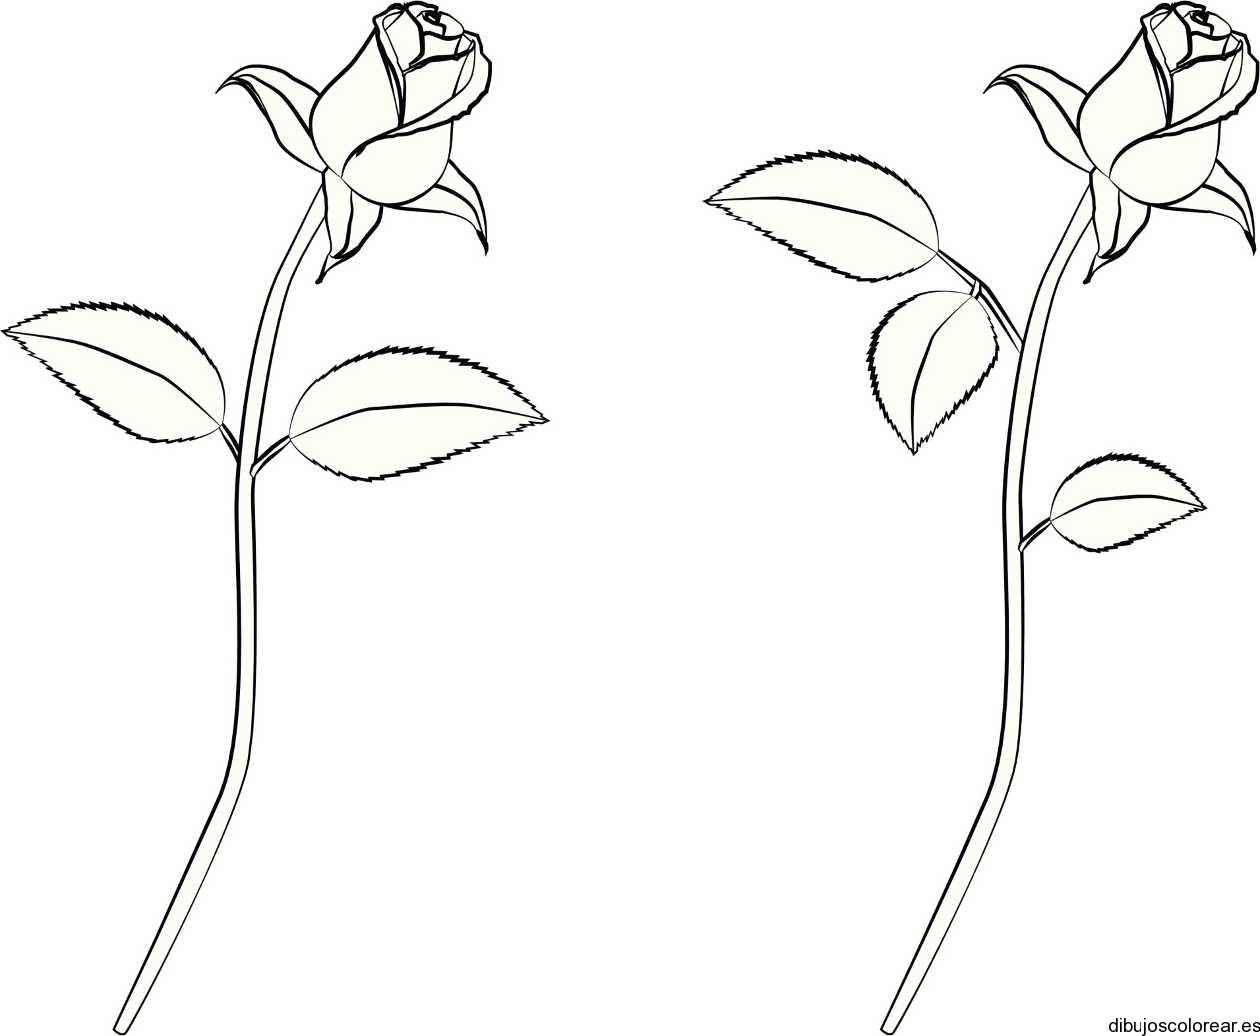 Dibujo de un par de rosas